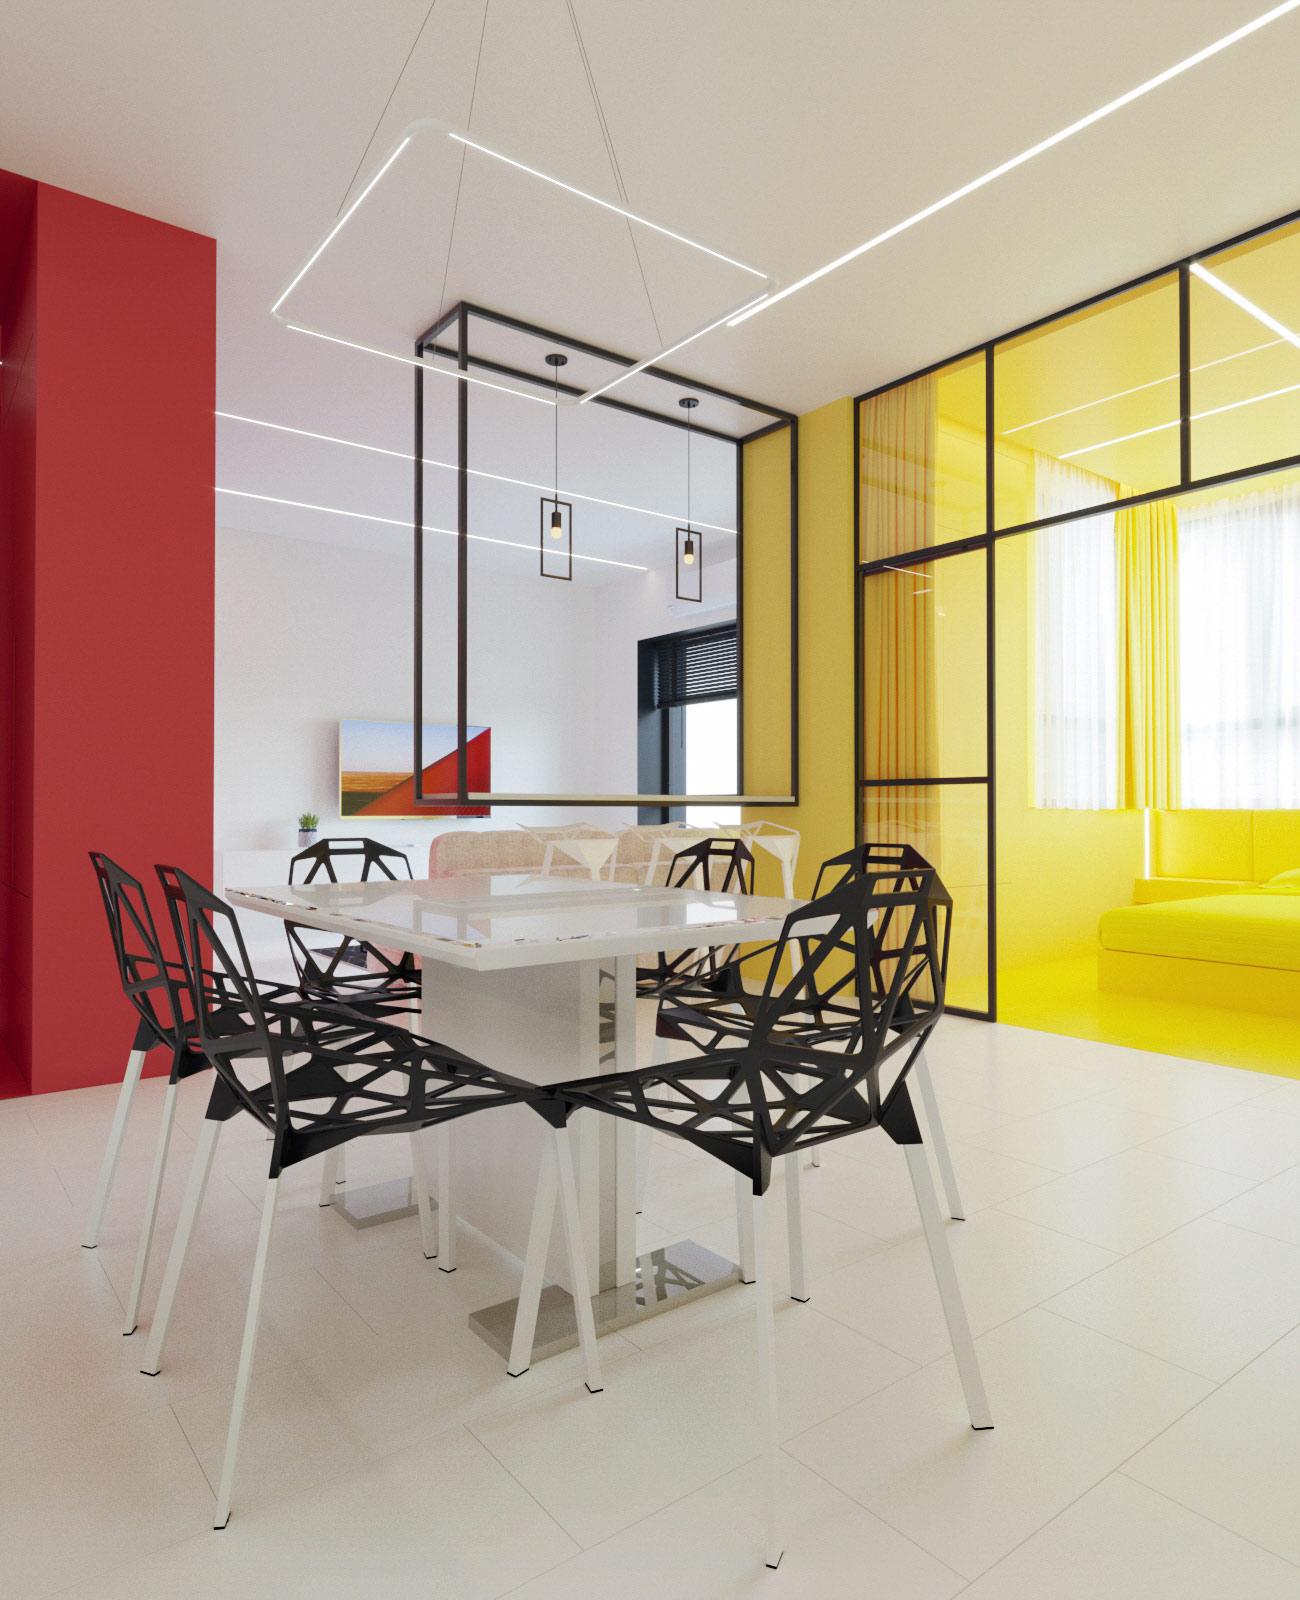 mondrian-inspired-dining-room